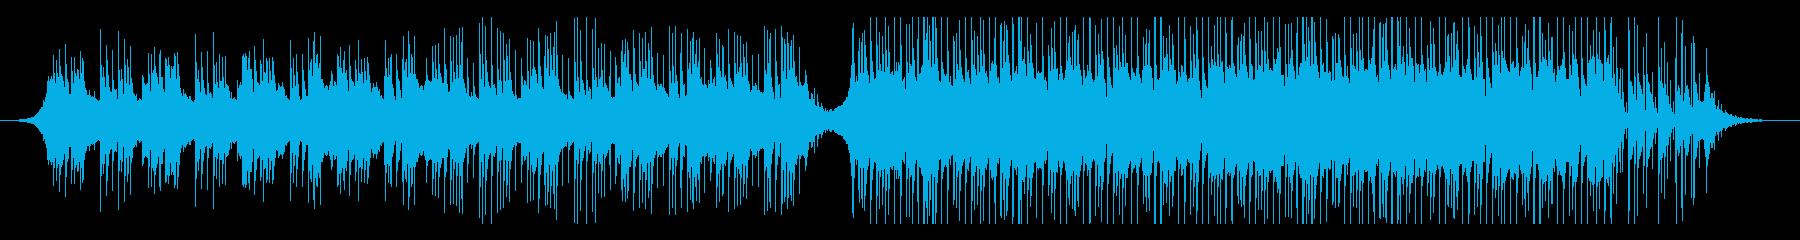 これはラマダンですの再生済みの波形